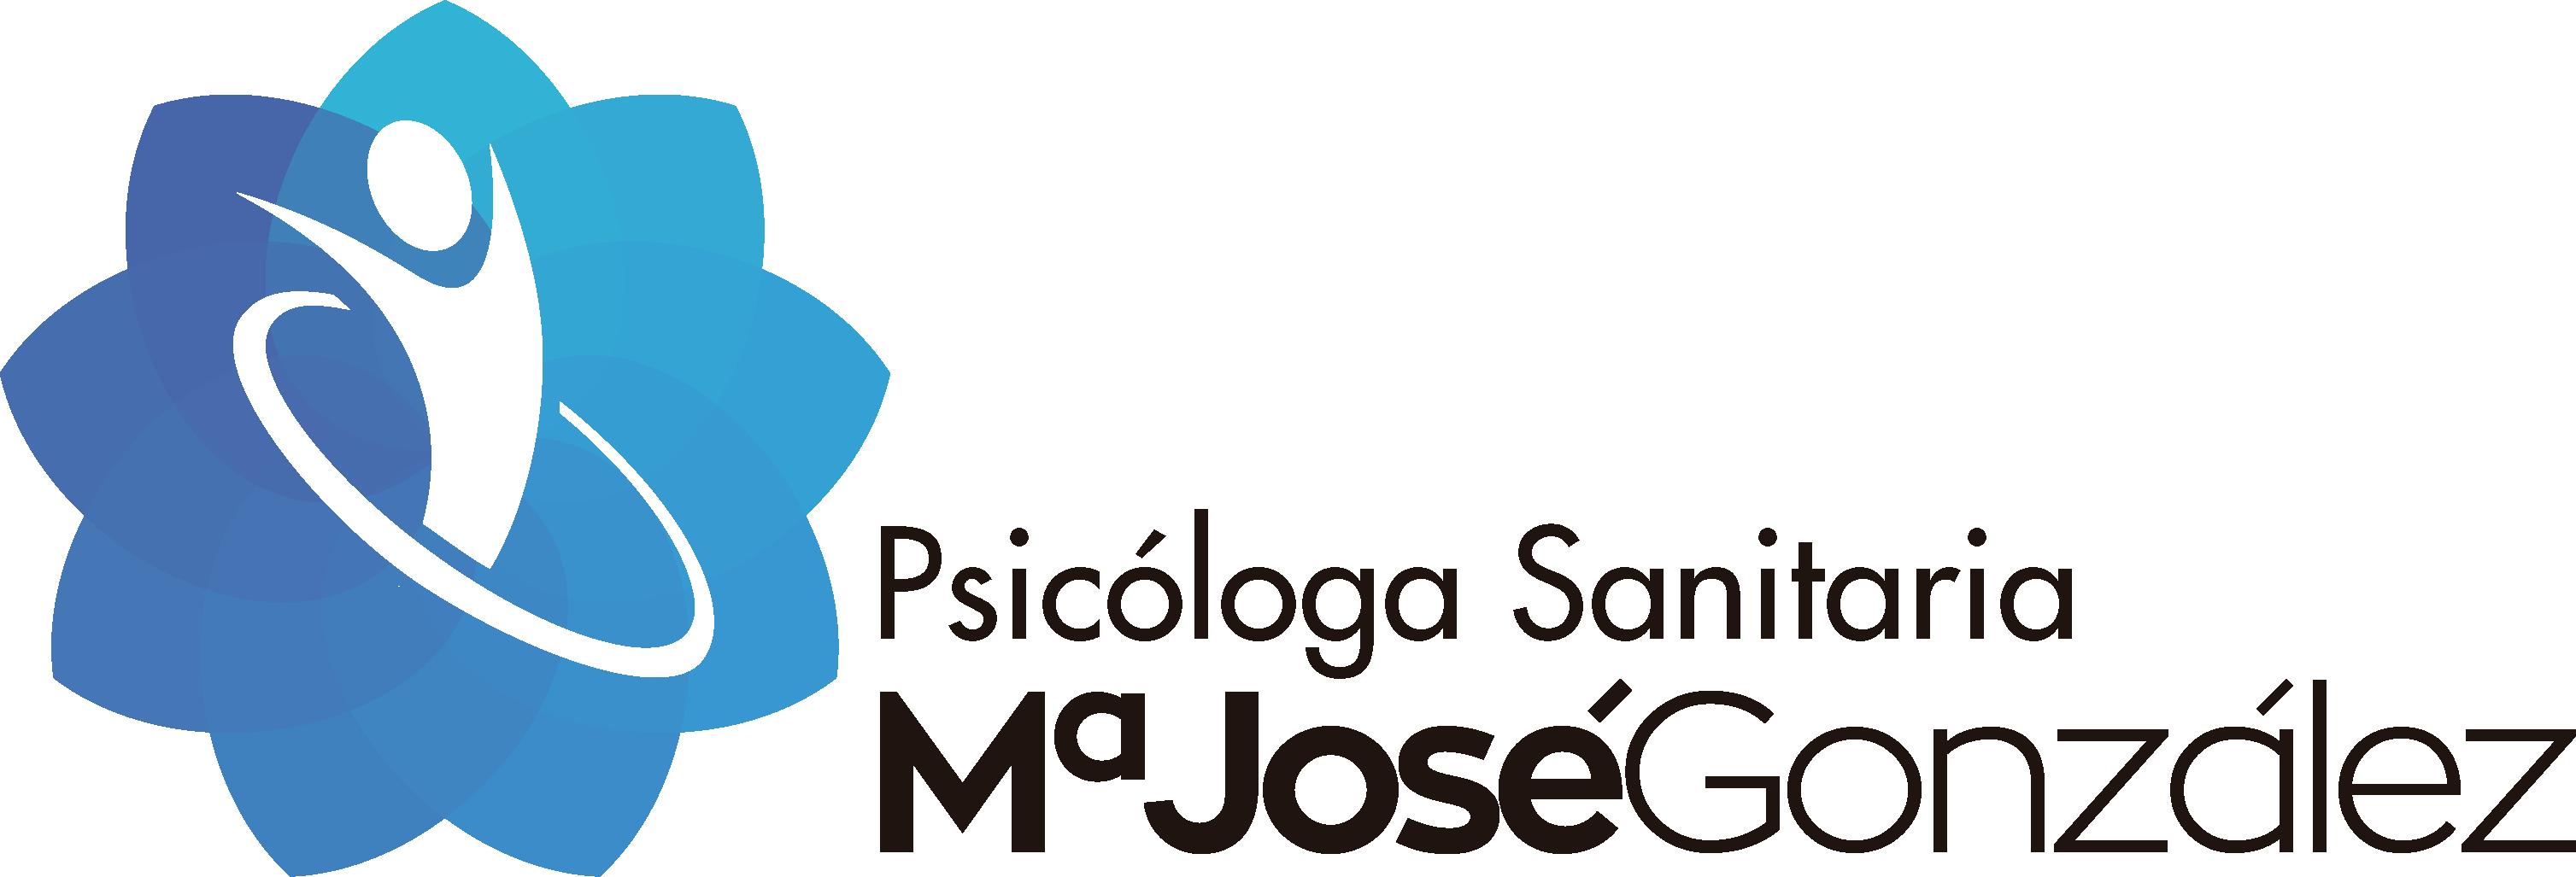 Mª José González Psicóloga